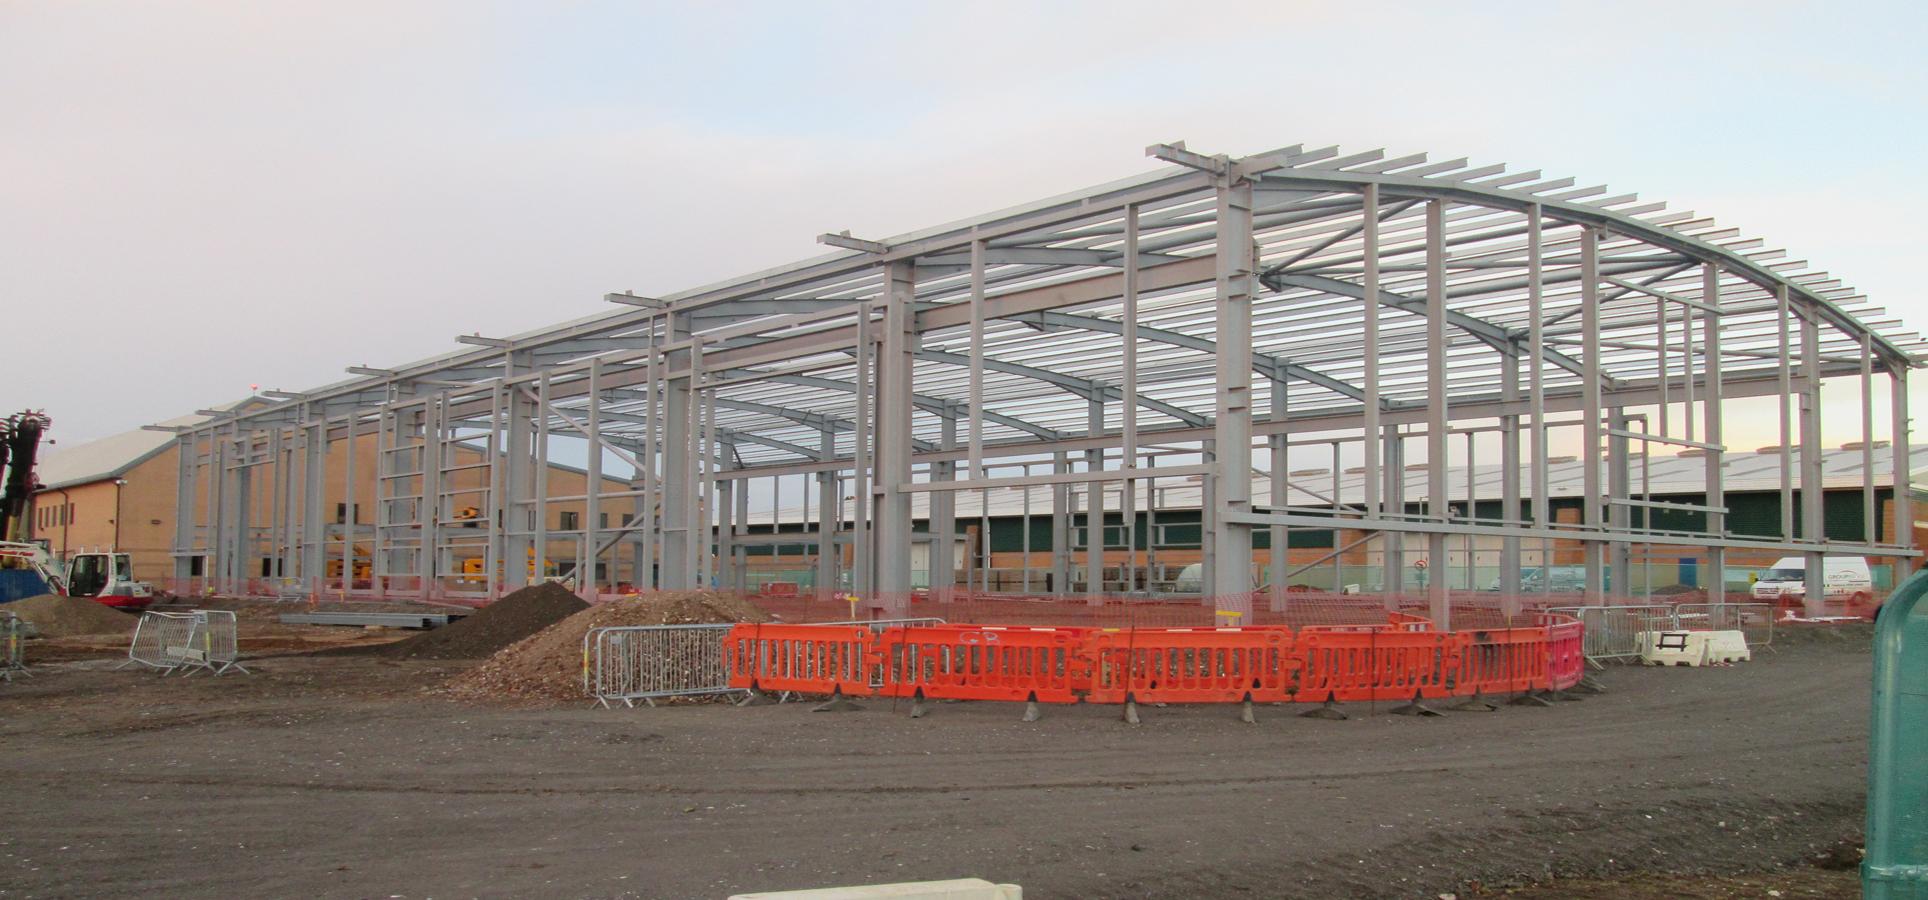 Wattisham Steels Complete, Jessops Construction Ltd